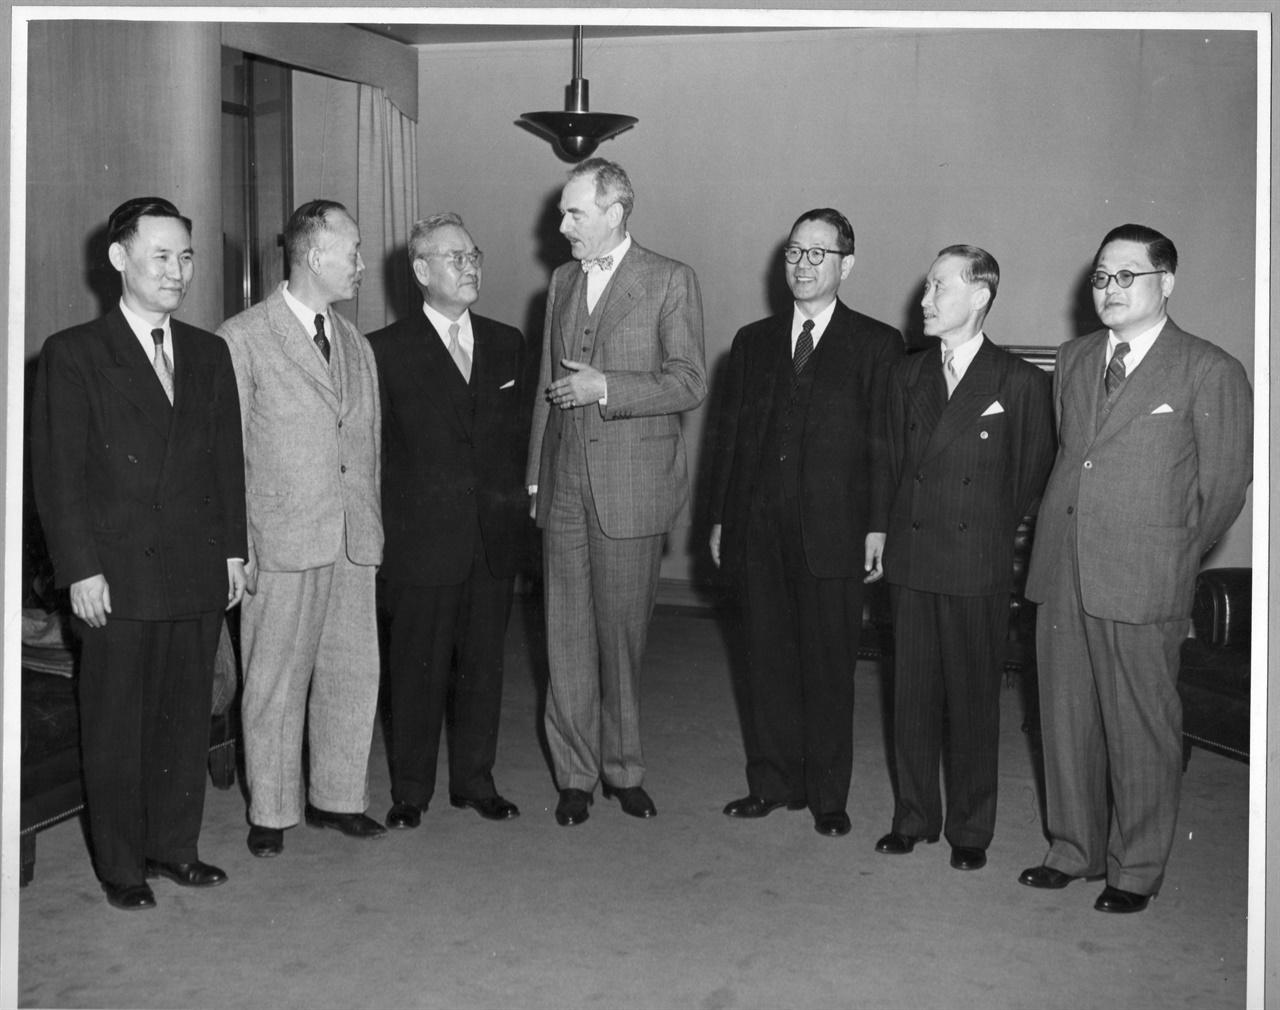 신익희 한국 국회의장을 비롯한 의회 지도자들이 장면 주미 대사의 안내로 애치슨 미 국무장관을 만나 미국의 원조에 대하여 감사의 뜻을 전하고 있다(1950. 3. 22. 가운데 애치슨 미 국무장관 그 왼쪽 신익희 국회의장, 오른쪽 장면 주미 대사).